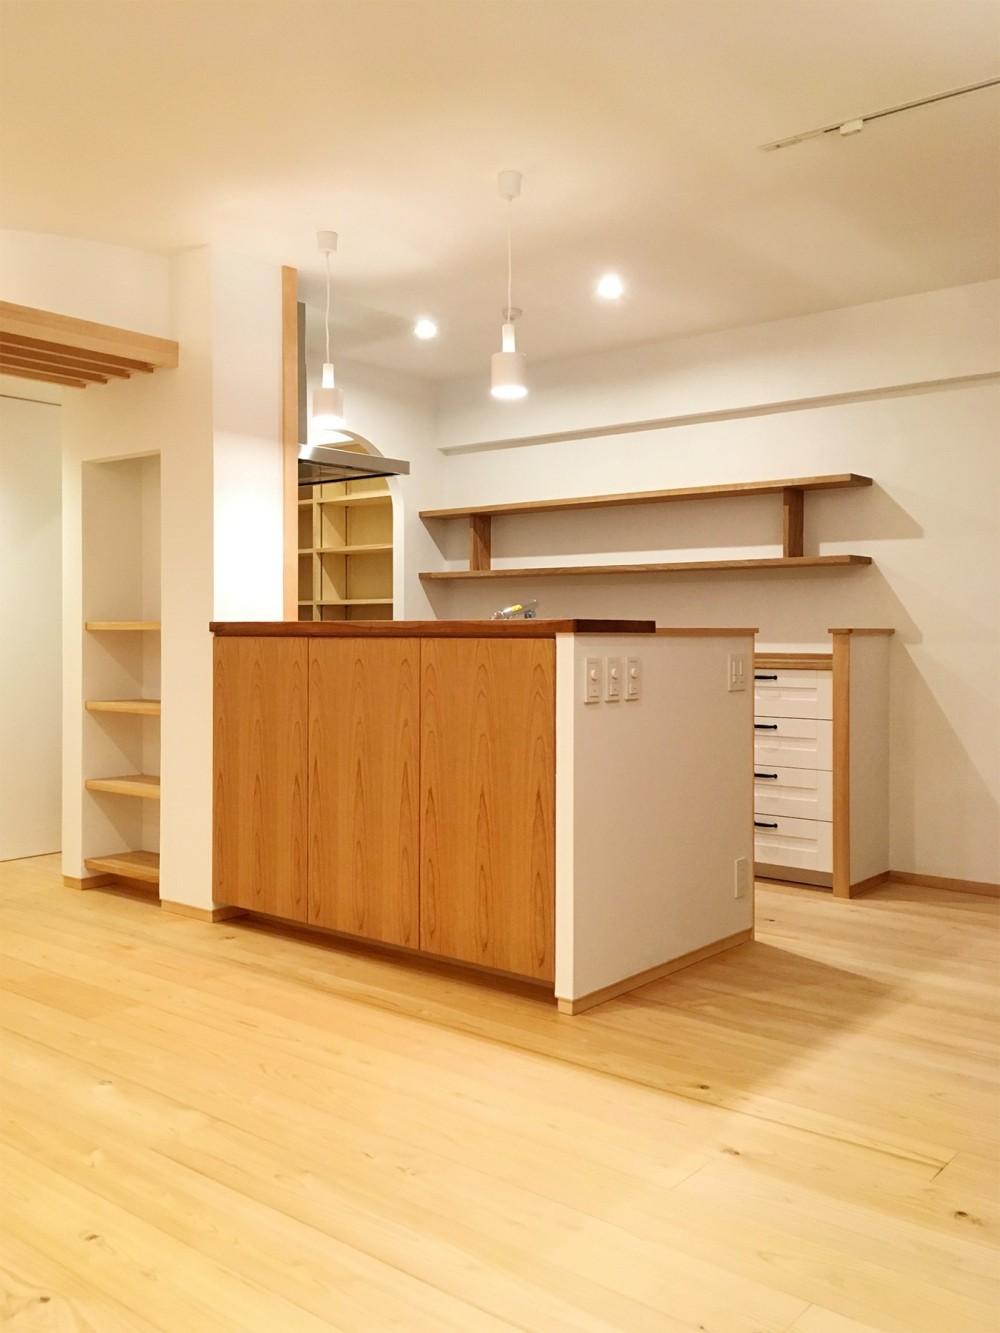 裁縫スペースのある家 浦和マンションリノベーション (アールやアーチがやさしい印象を与えるキッチン。)